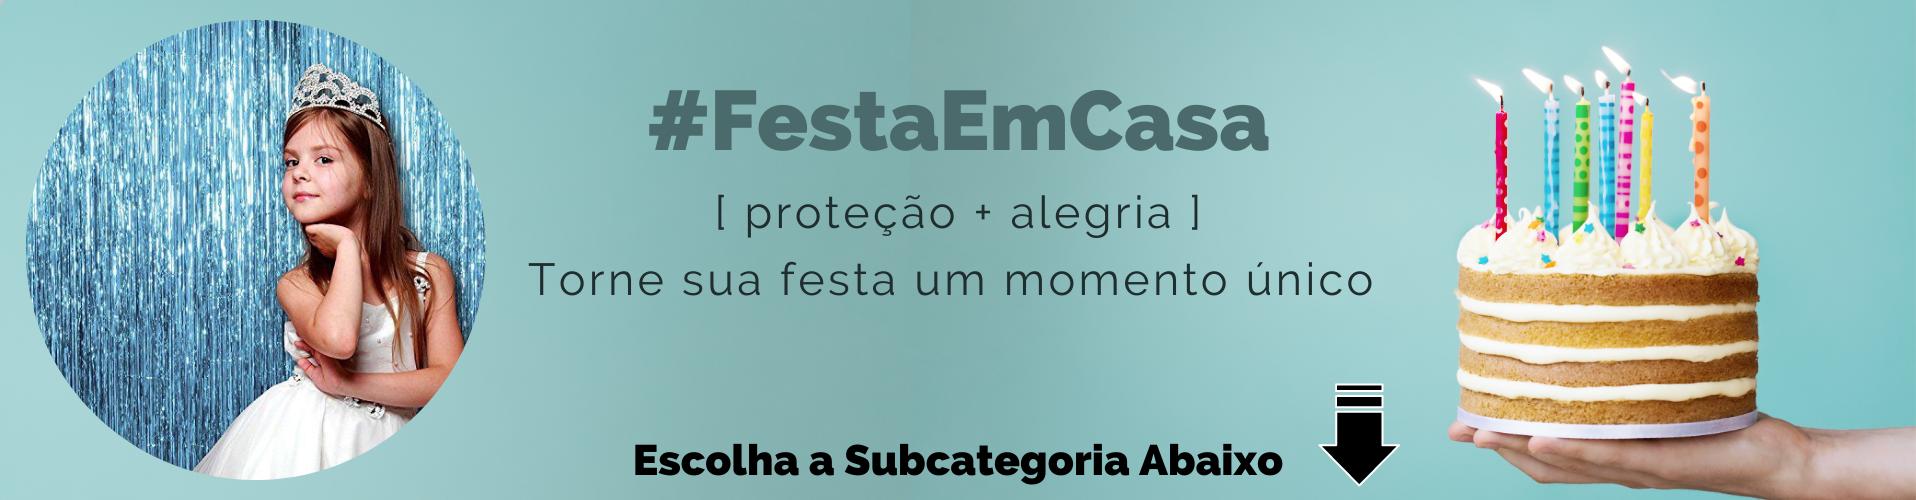 #fiqueemcasa